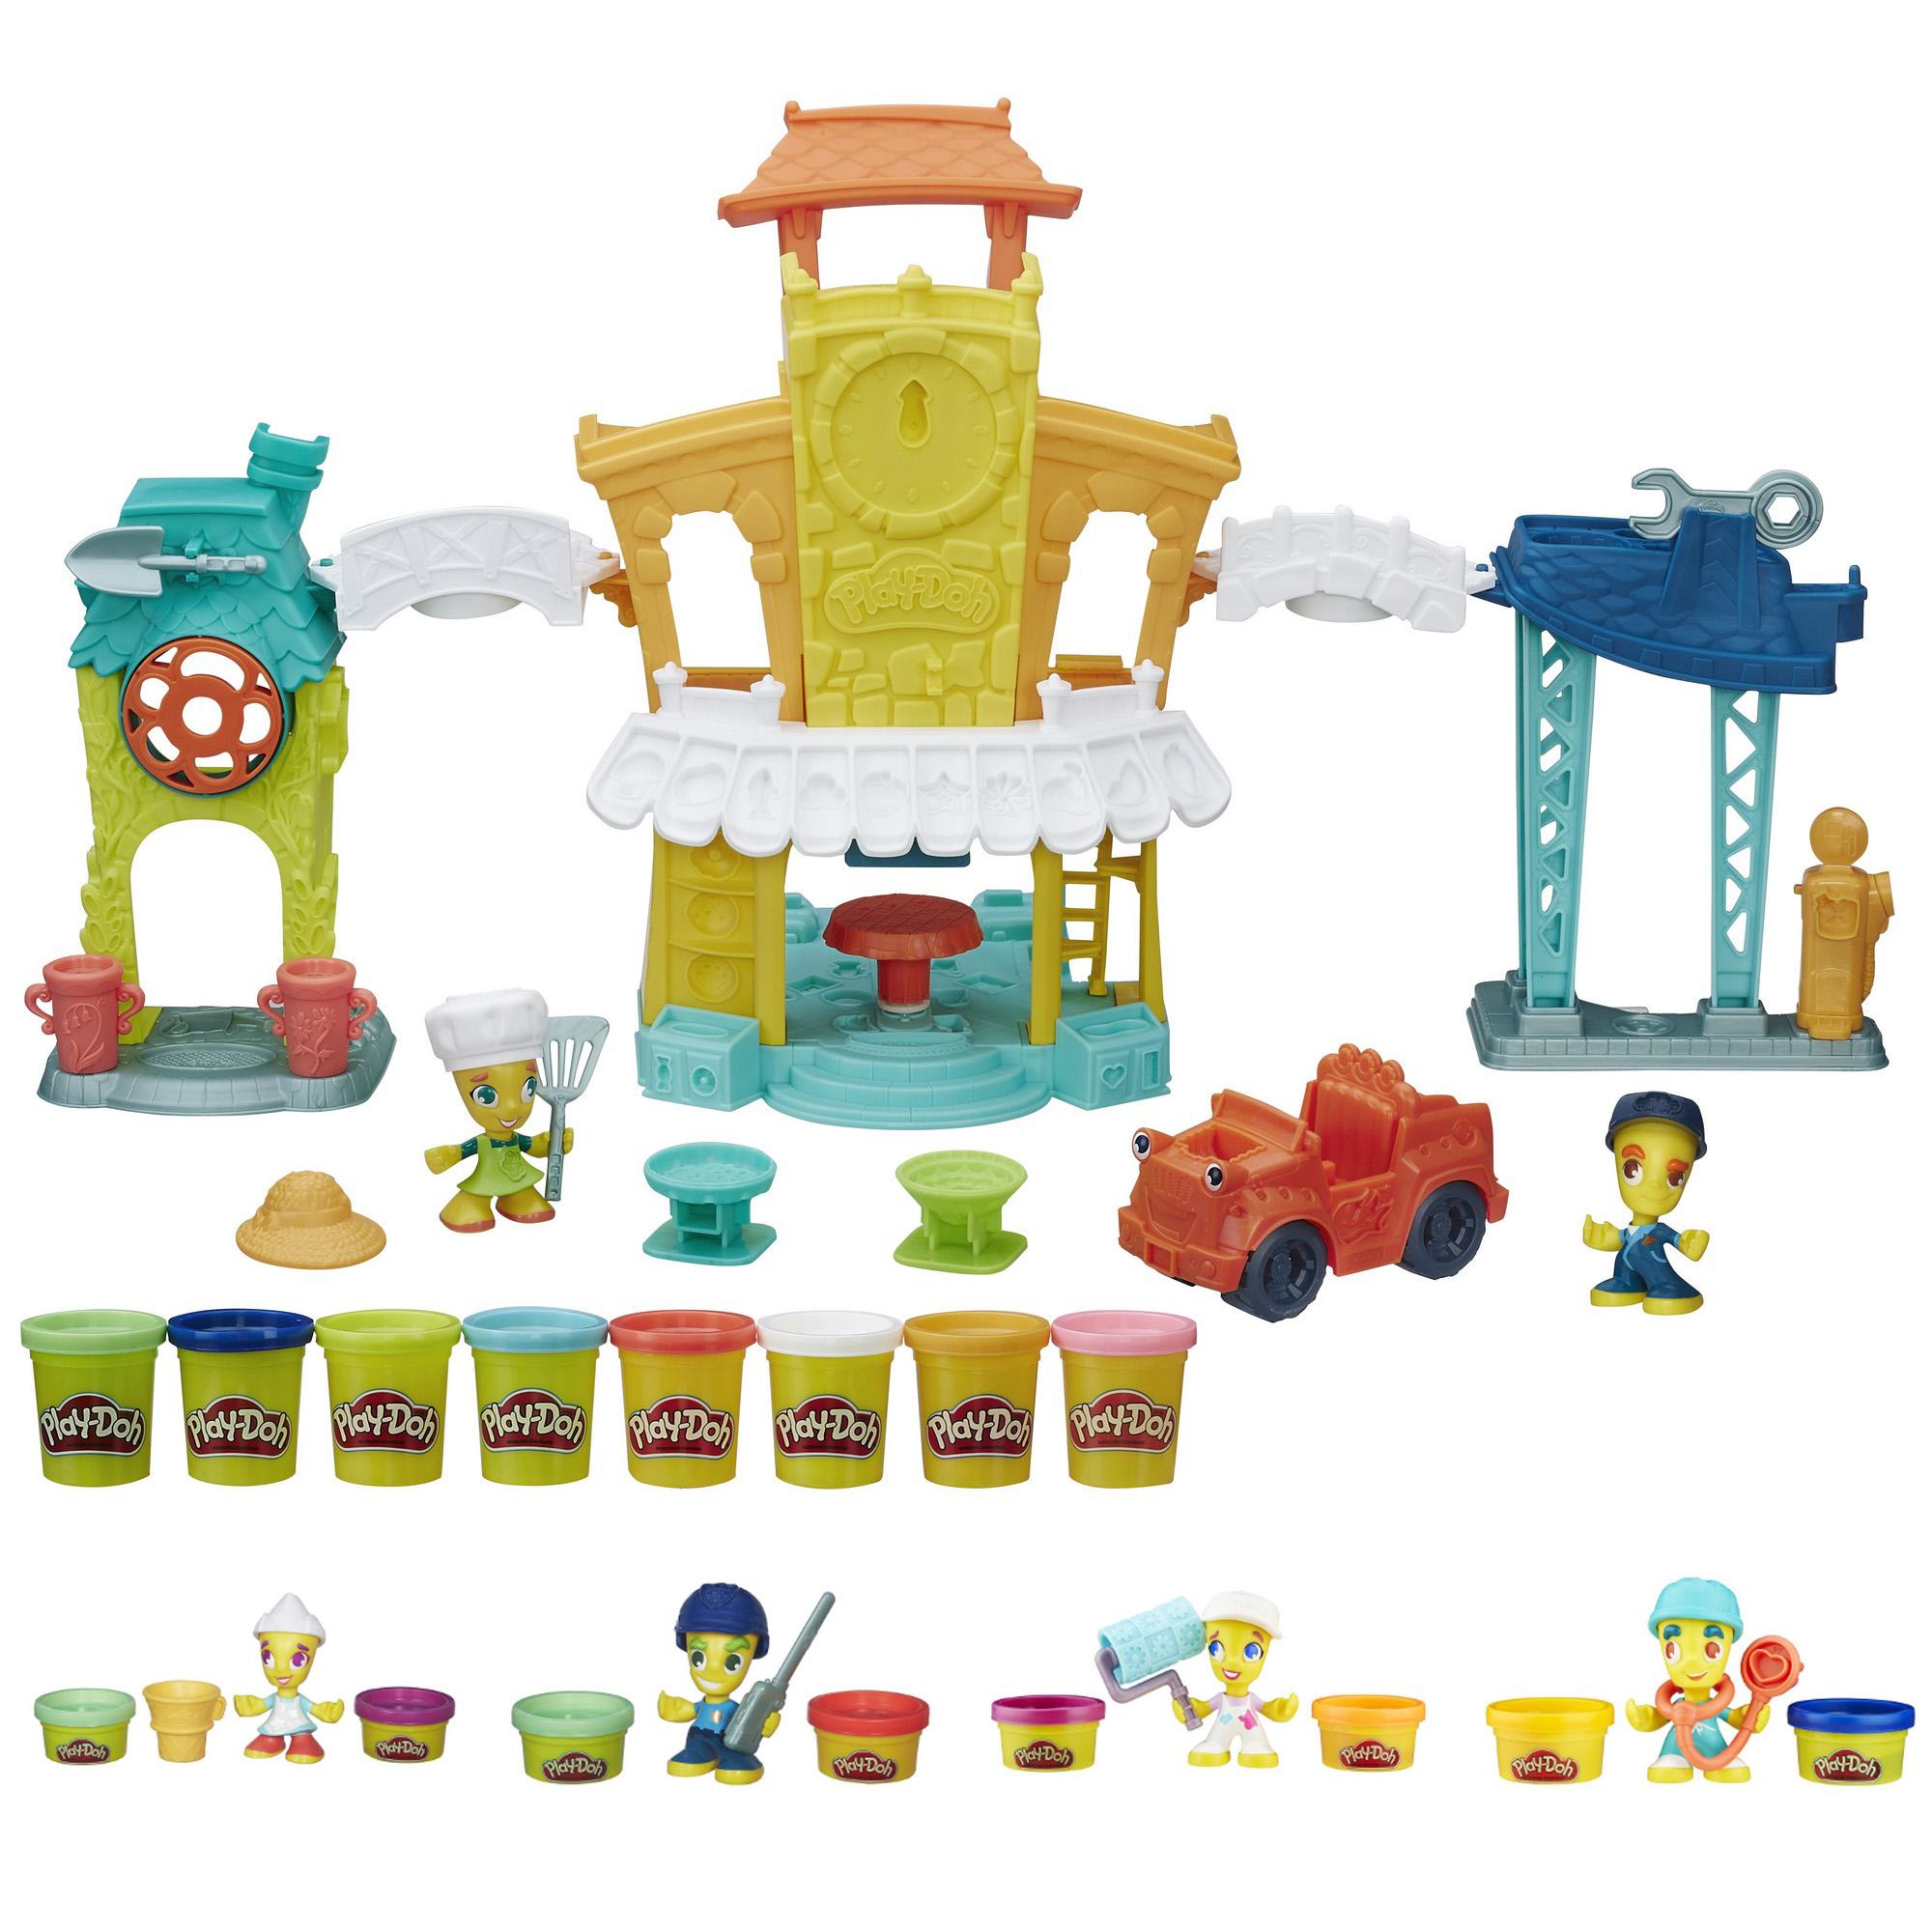 Набор Play-Doh  Город главная улица + фигурки - Пластилин Play-Doh, артикул: 167100